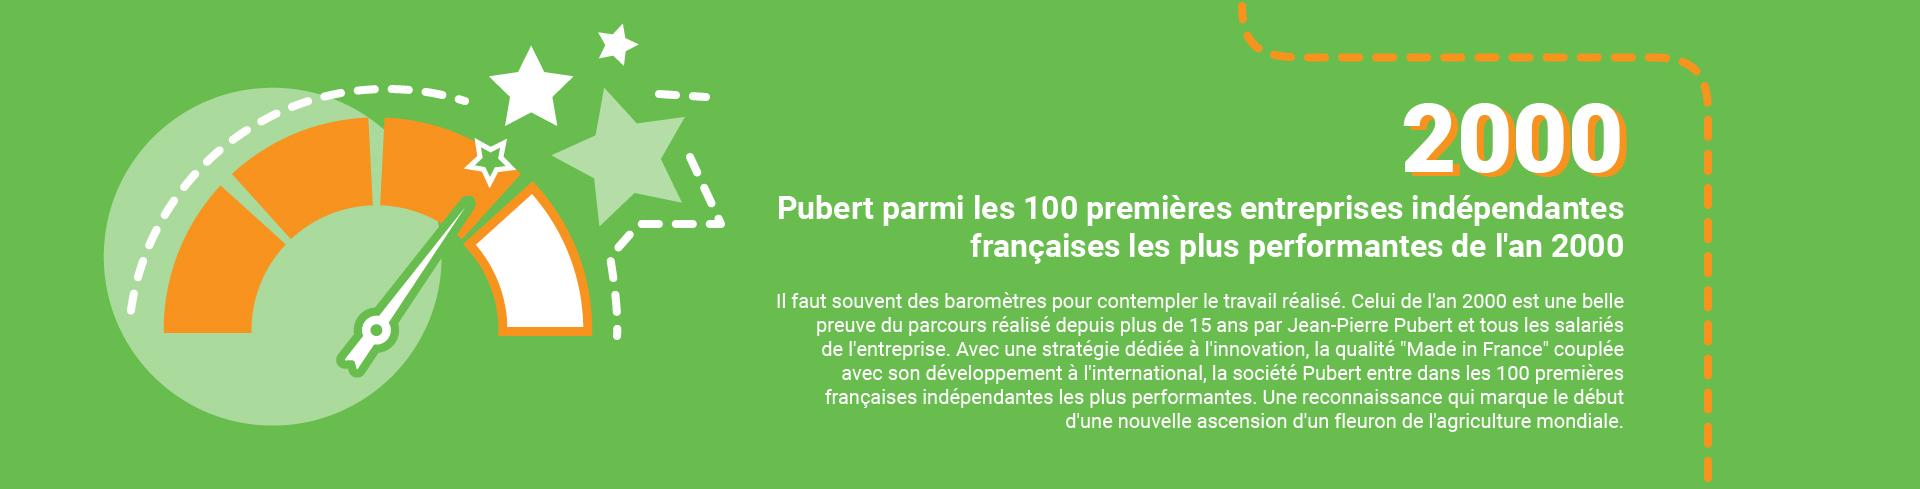 2000-100-premieres-entreprises-francaises